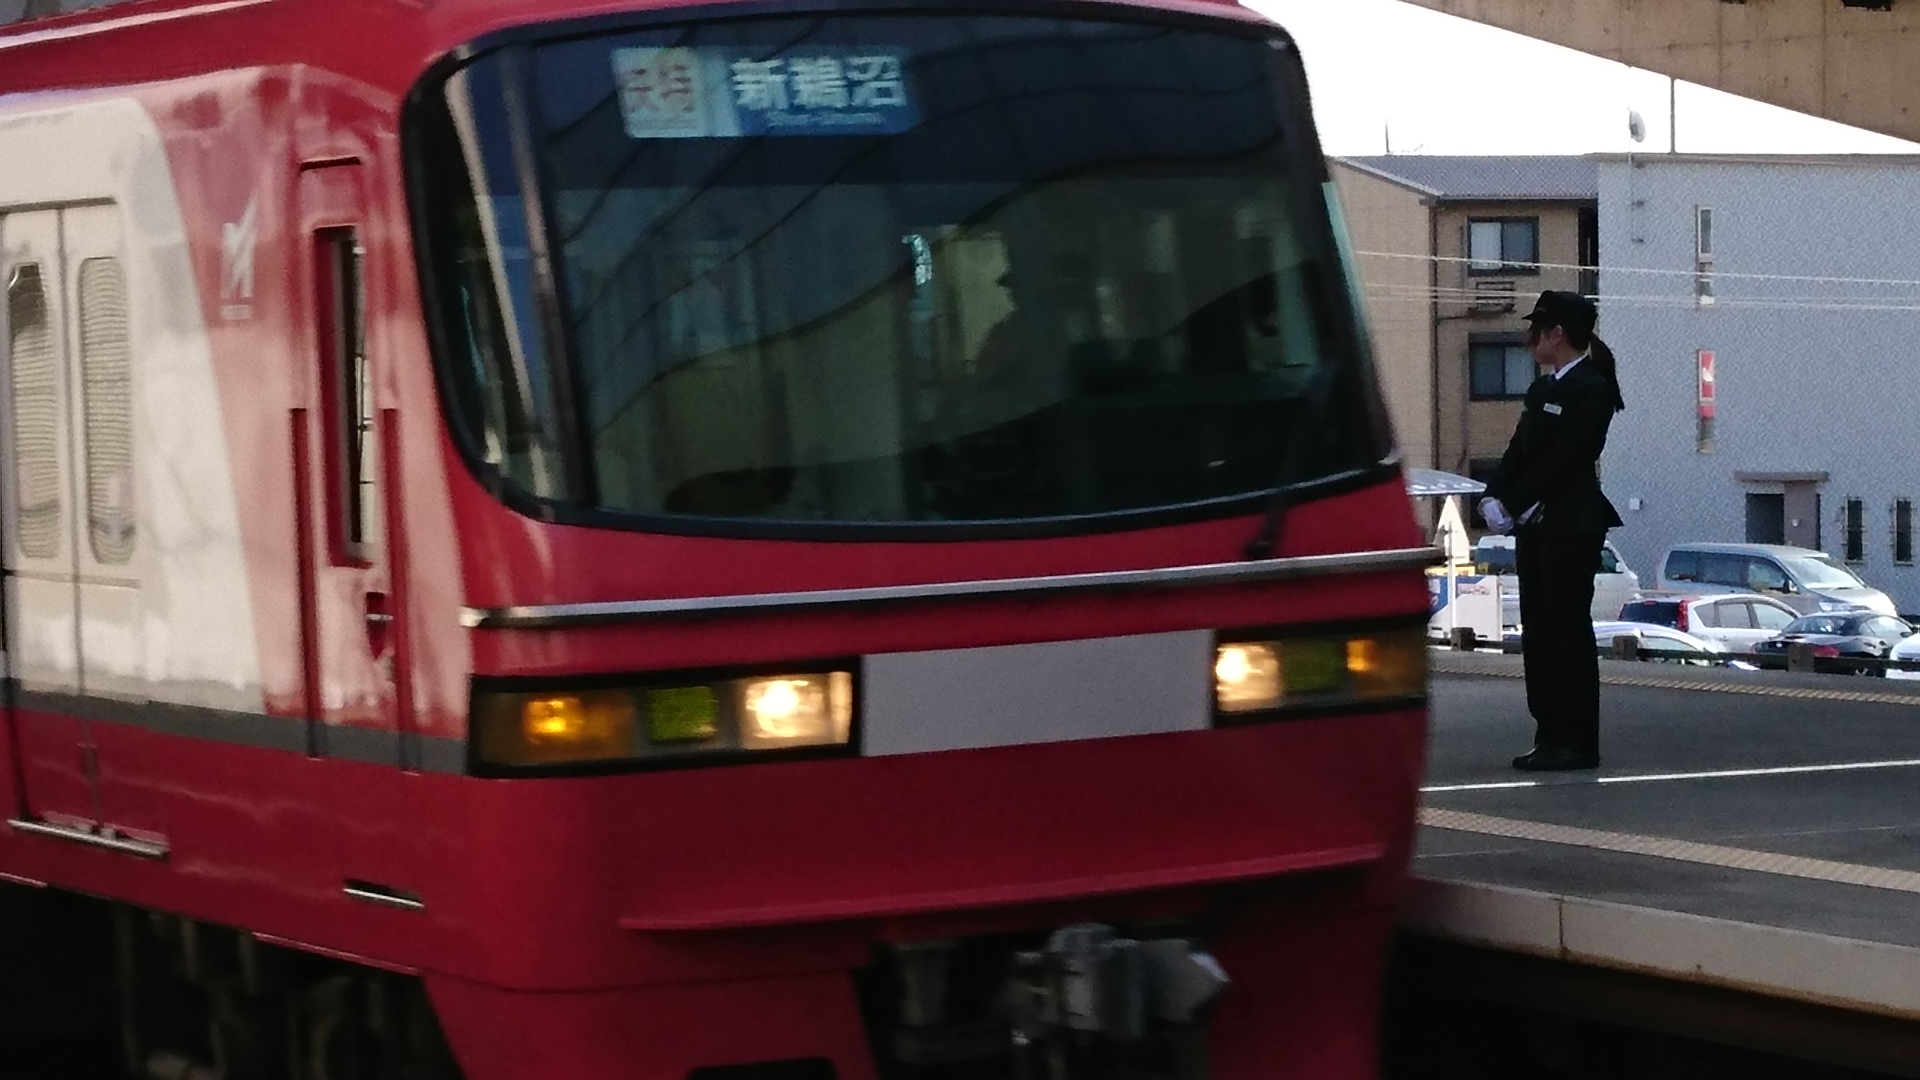 2017.2.8 (7) 前后 - 新鵜沼いき快速特急 1920-1080